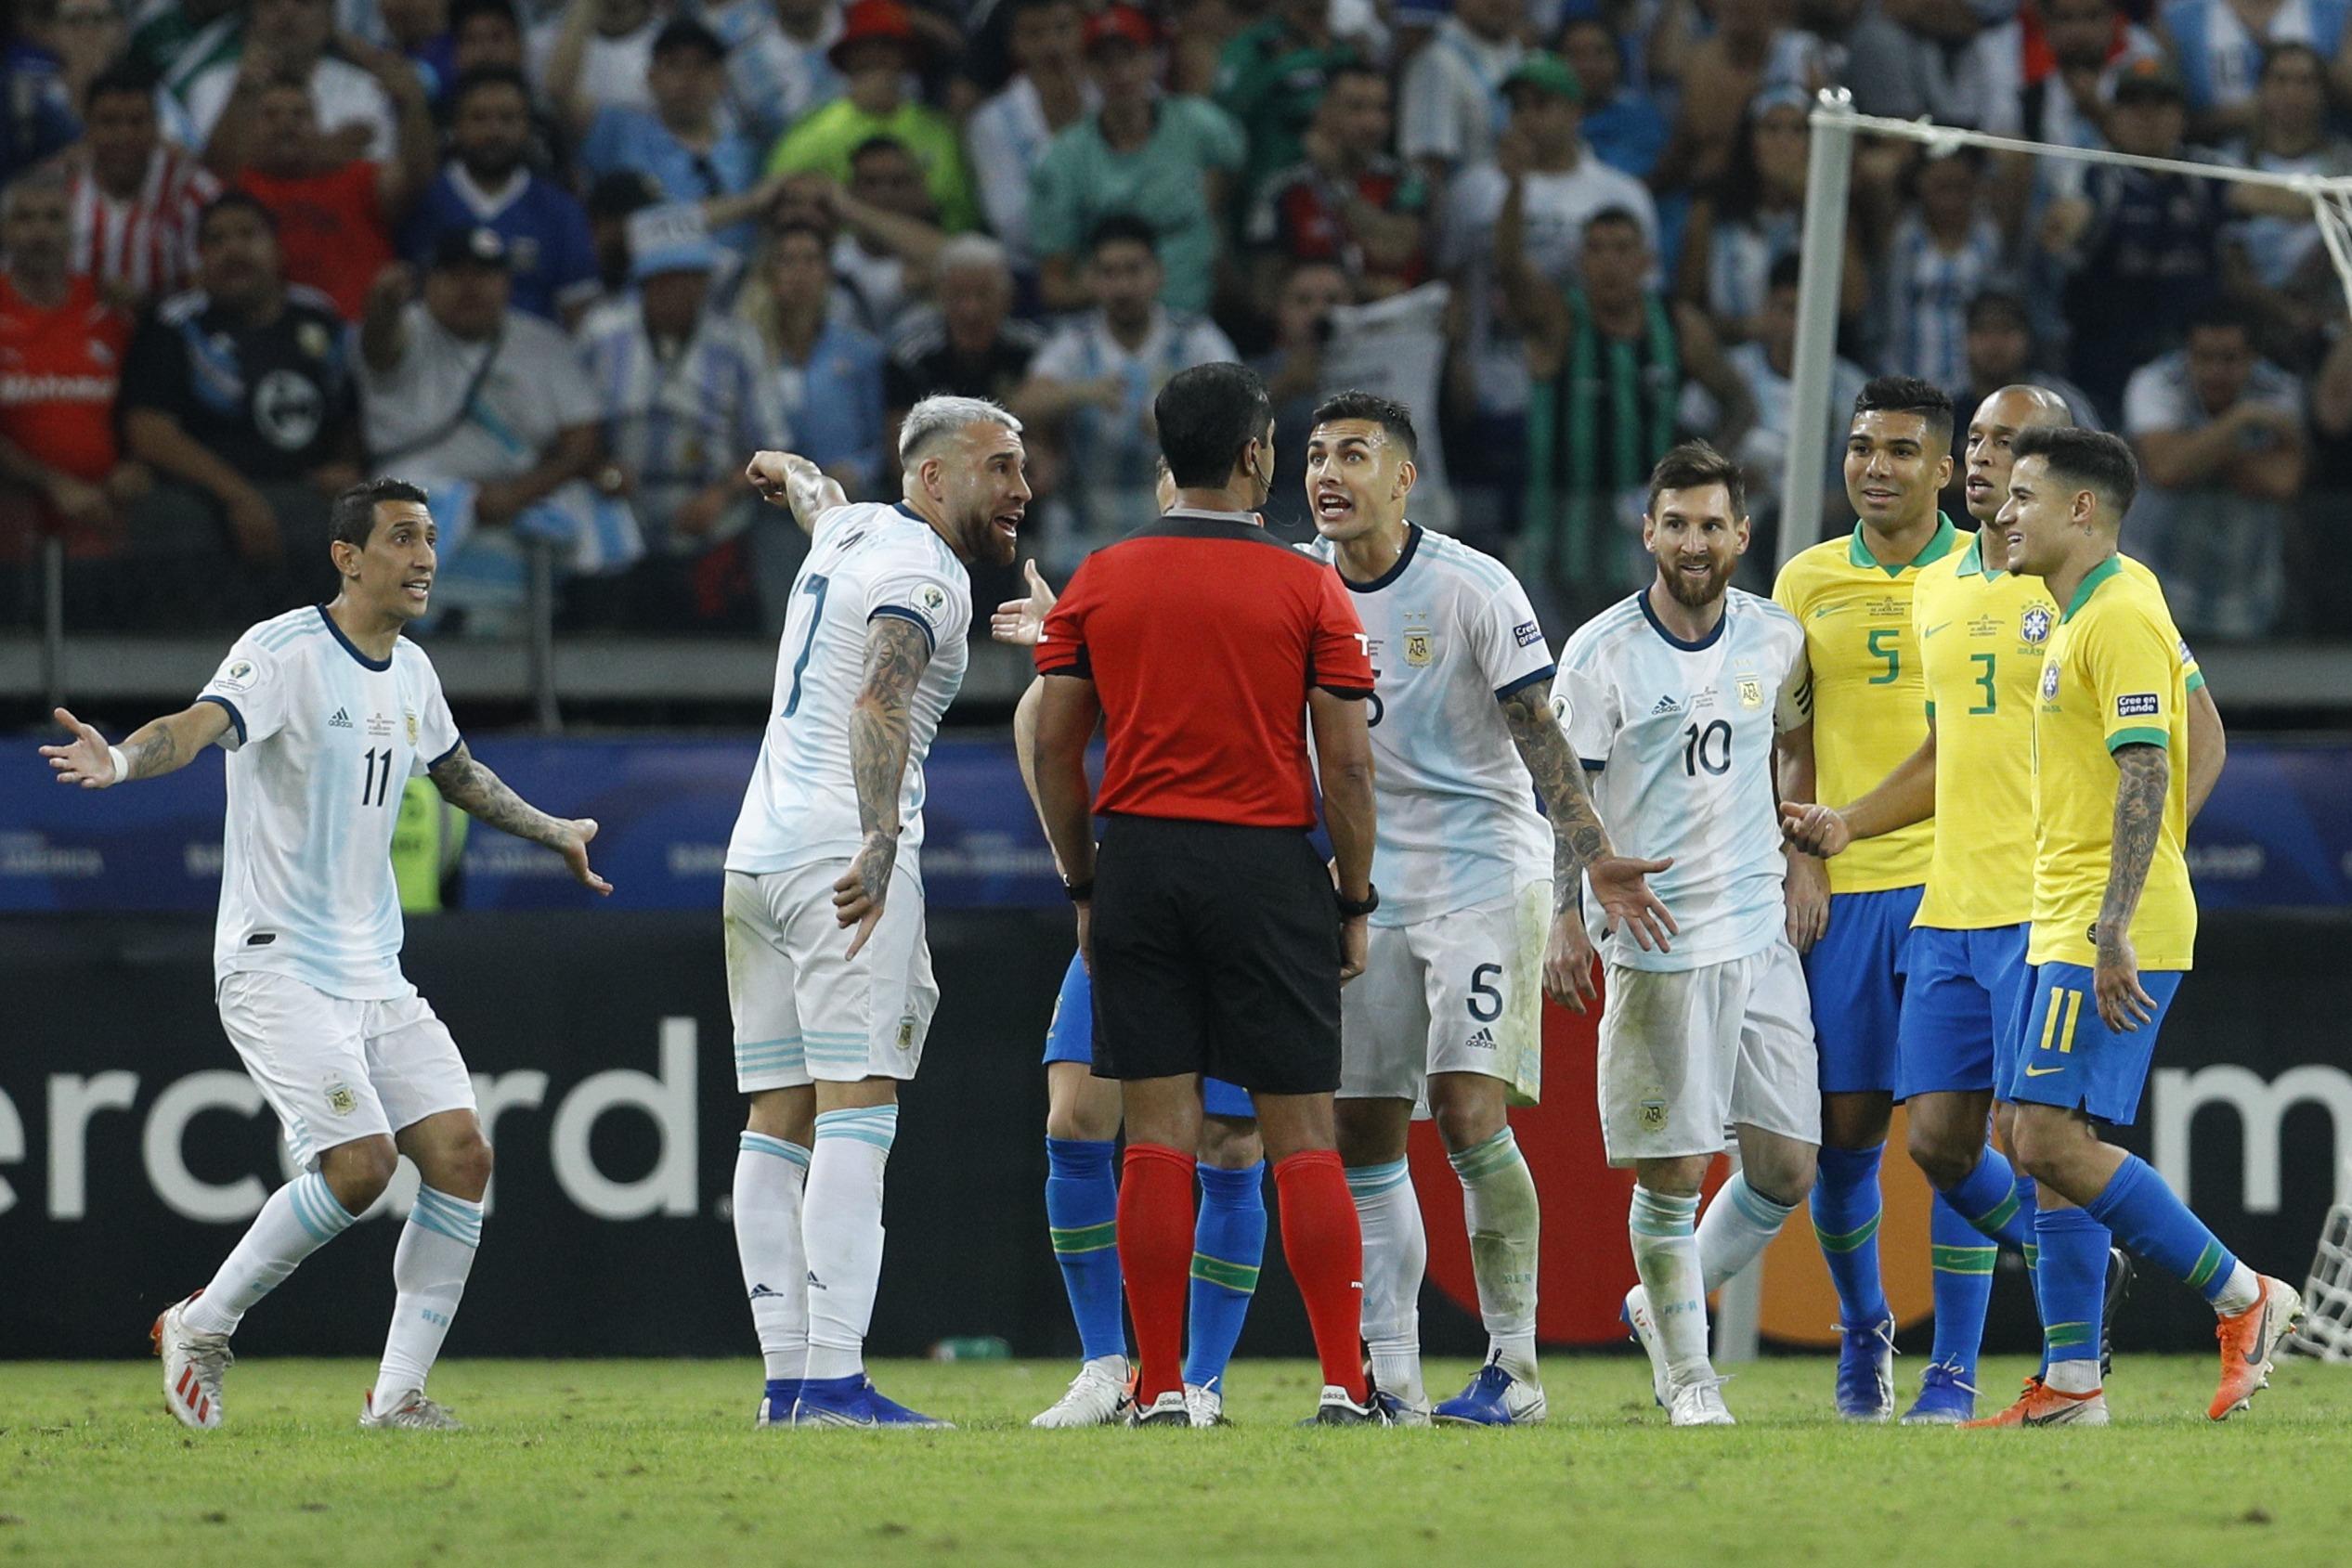 Organizadores de la Copa América se defienden de críticas